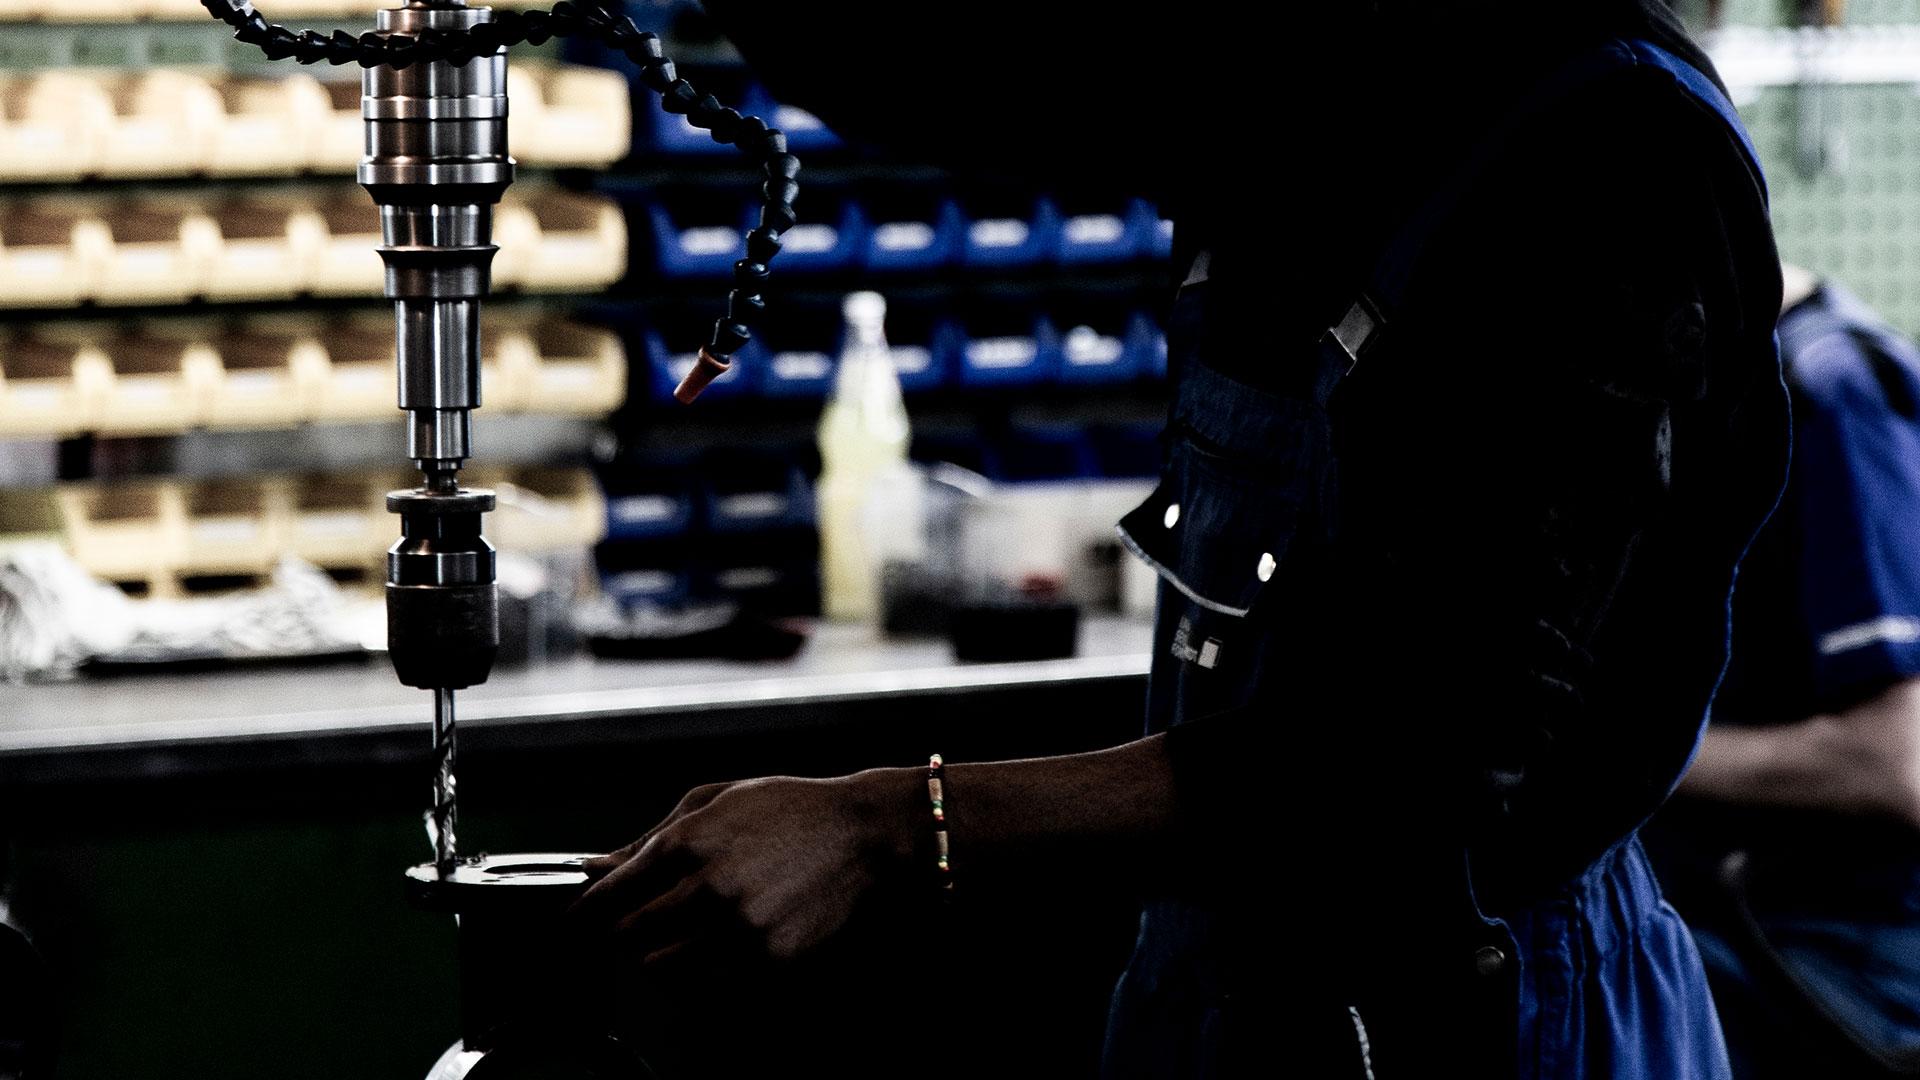 Industriearmaturen drosselklappen regelklappen absperrklappen herberholz automatisierung